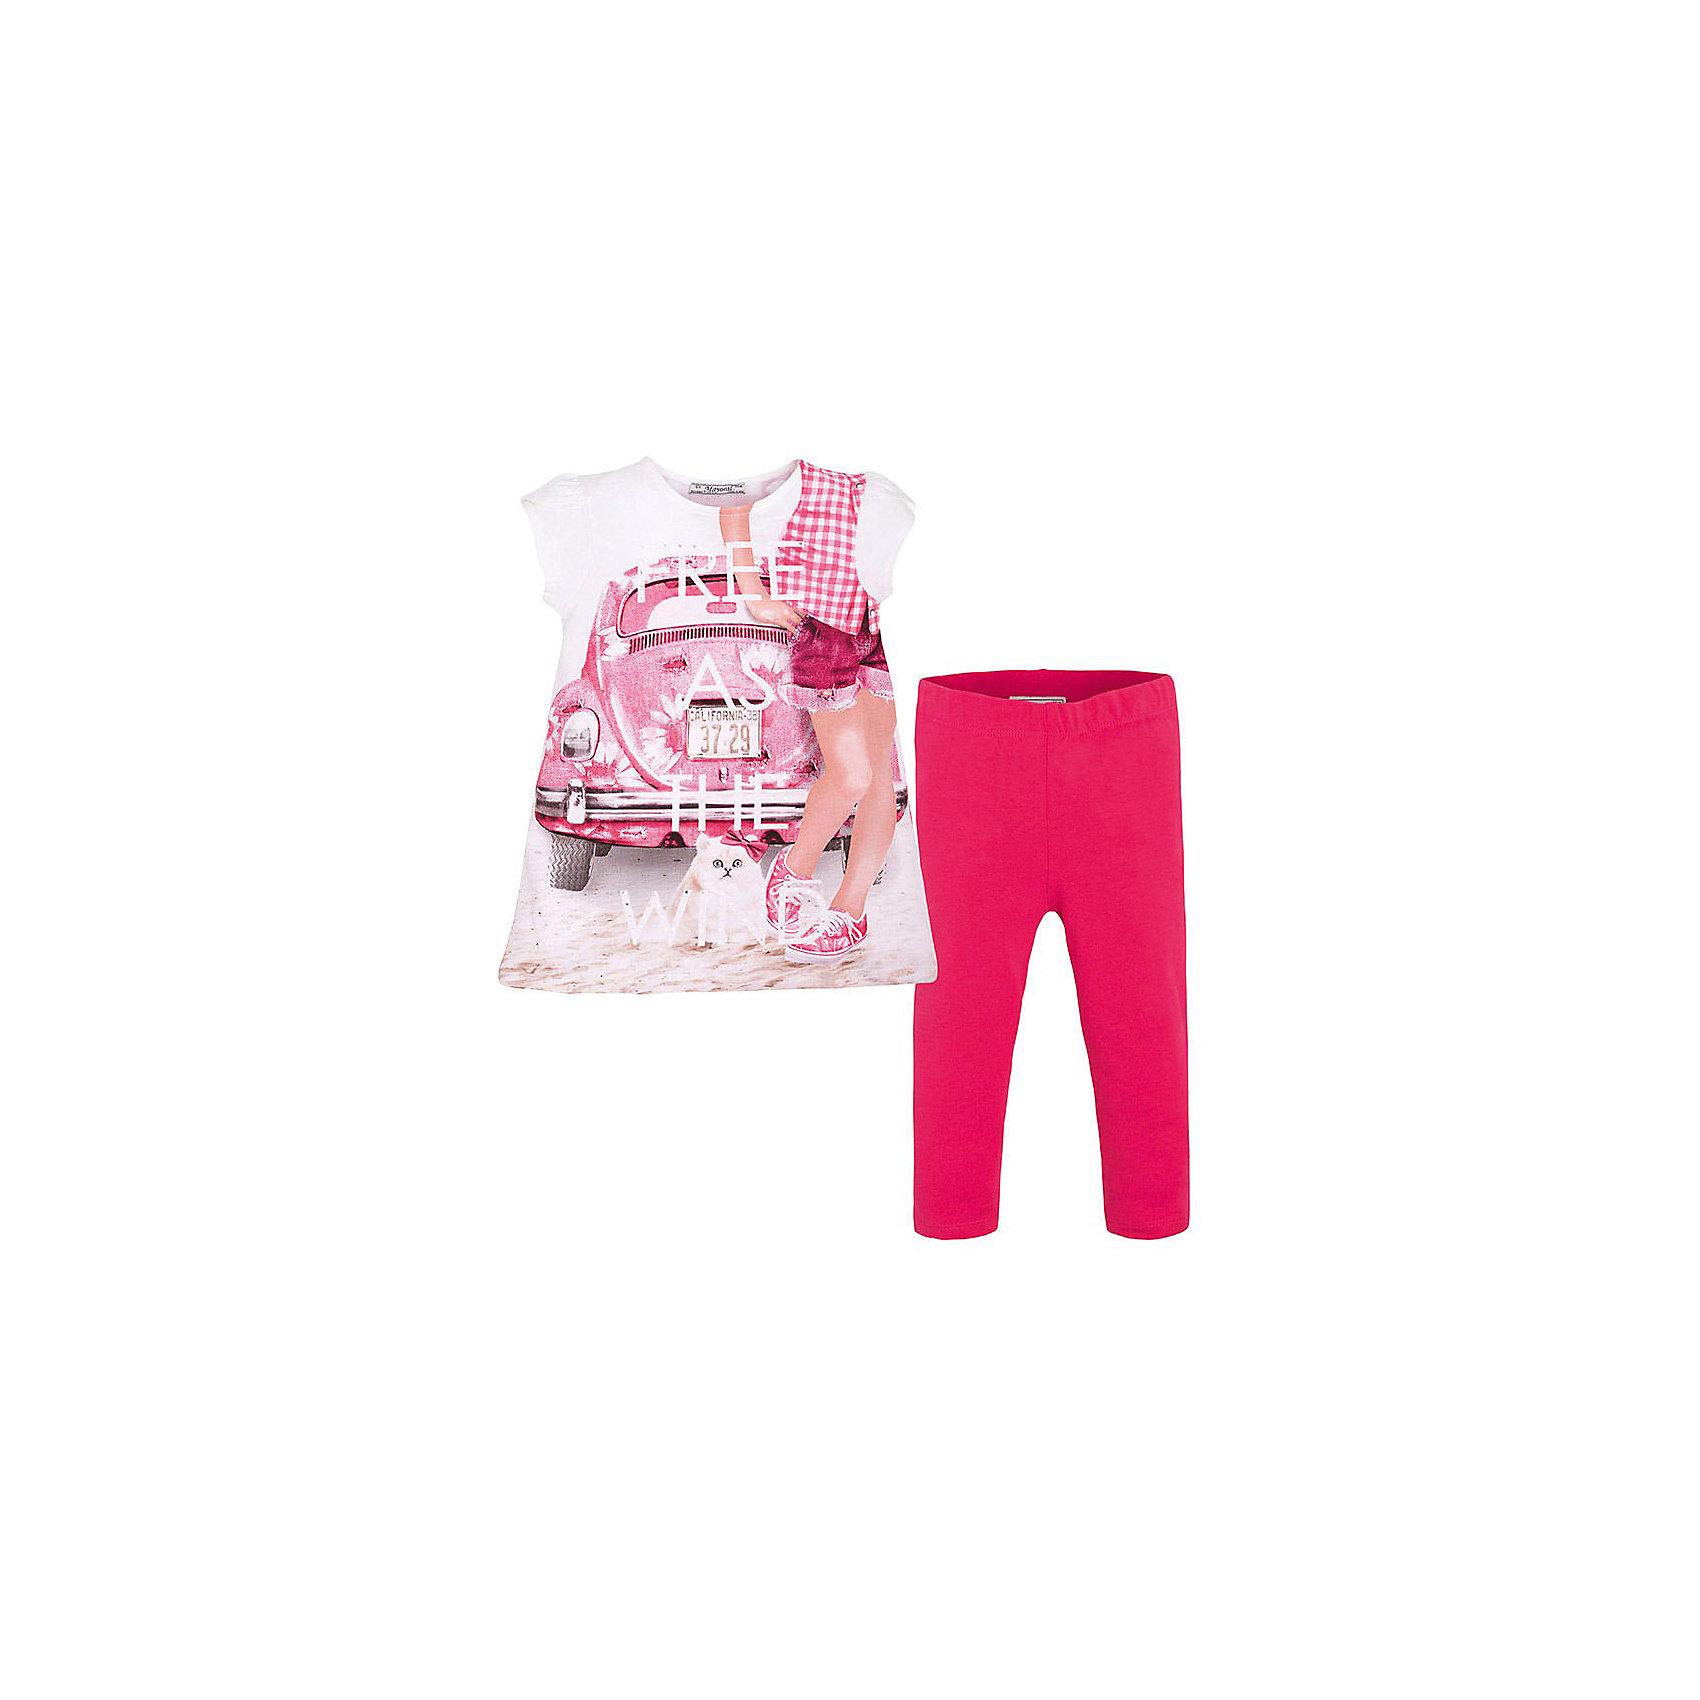 Комплект для девочки: леггинсы и футболка MayoralКомплект: леггинсы и футболка  для девочки от известной испанской марки Mayoral <br><br>Очень красивый комплект от Mayoral - отличный вариант летней одежды для девочек! Выглядит нарядно и оригинально. Модель выполнена из качественных материалов, отлично сидит по фигуре.<br><br>Особенности модели:<br><br>- цвет: белый, красный;<br>- леггинсы -  однотонные, пояс на резинке;<br>- футболка украшена принтом.<br><br>Дополнительная информация:<br><br>Состав: 92% хлопок, 8% эластан<br><br>Комплект: леггинсы и футболка для девочки Mayoral (Майорал) можно купить в нашем магазине.<br><br>Ширина мм: 123<br>Глубина мм: 10<br>Высота мм: 149<br>Вес г: 209<br>Цвет: красный<br>Возраст от месяцев: 18<br>Возраст до месяцев: 24<br>Пол: Женский<br>Возраст: Детский<br>Размер: 92,134,128,122,116,110,104,98<br>SKU: 4542876